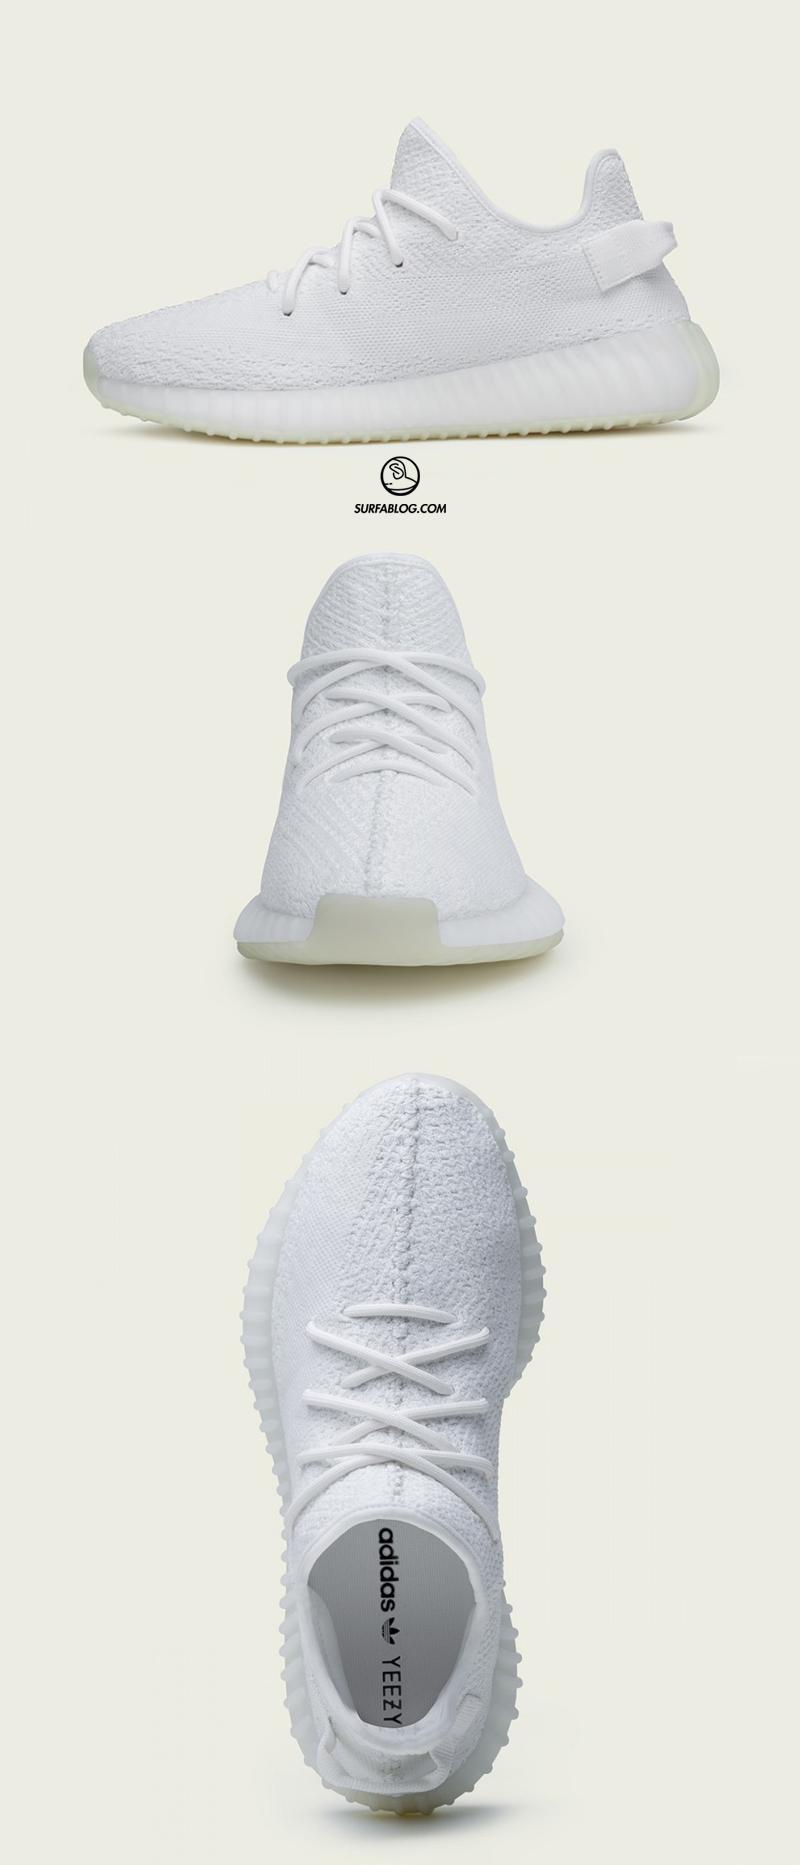 """cheaper 48b8e 50850 Così come per la 350 V2 """"Zebra"""", per la 500 """"Yellow Moon"""" e per 700 """"Wave  Runner"""", Kanye West ed adidas Originals hanno rimesso in commercio la 350  V2 """" ..."""